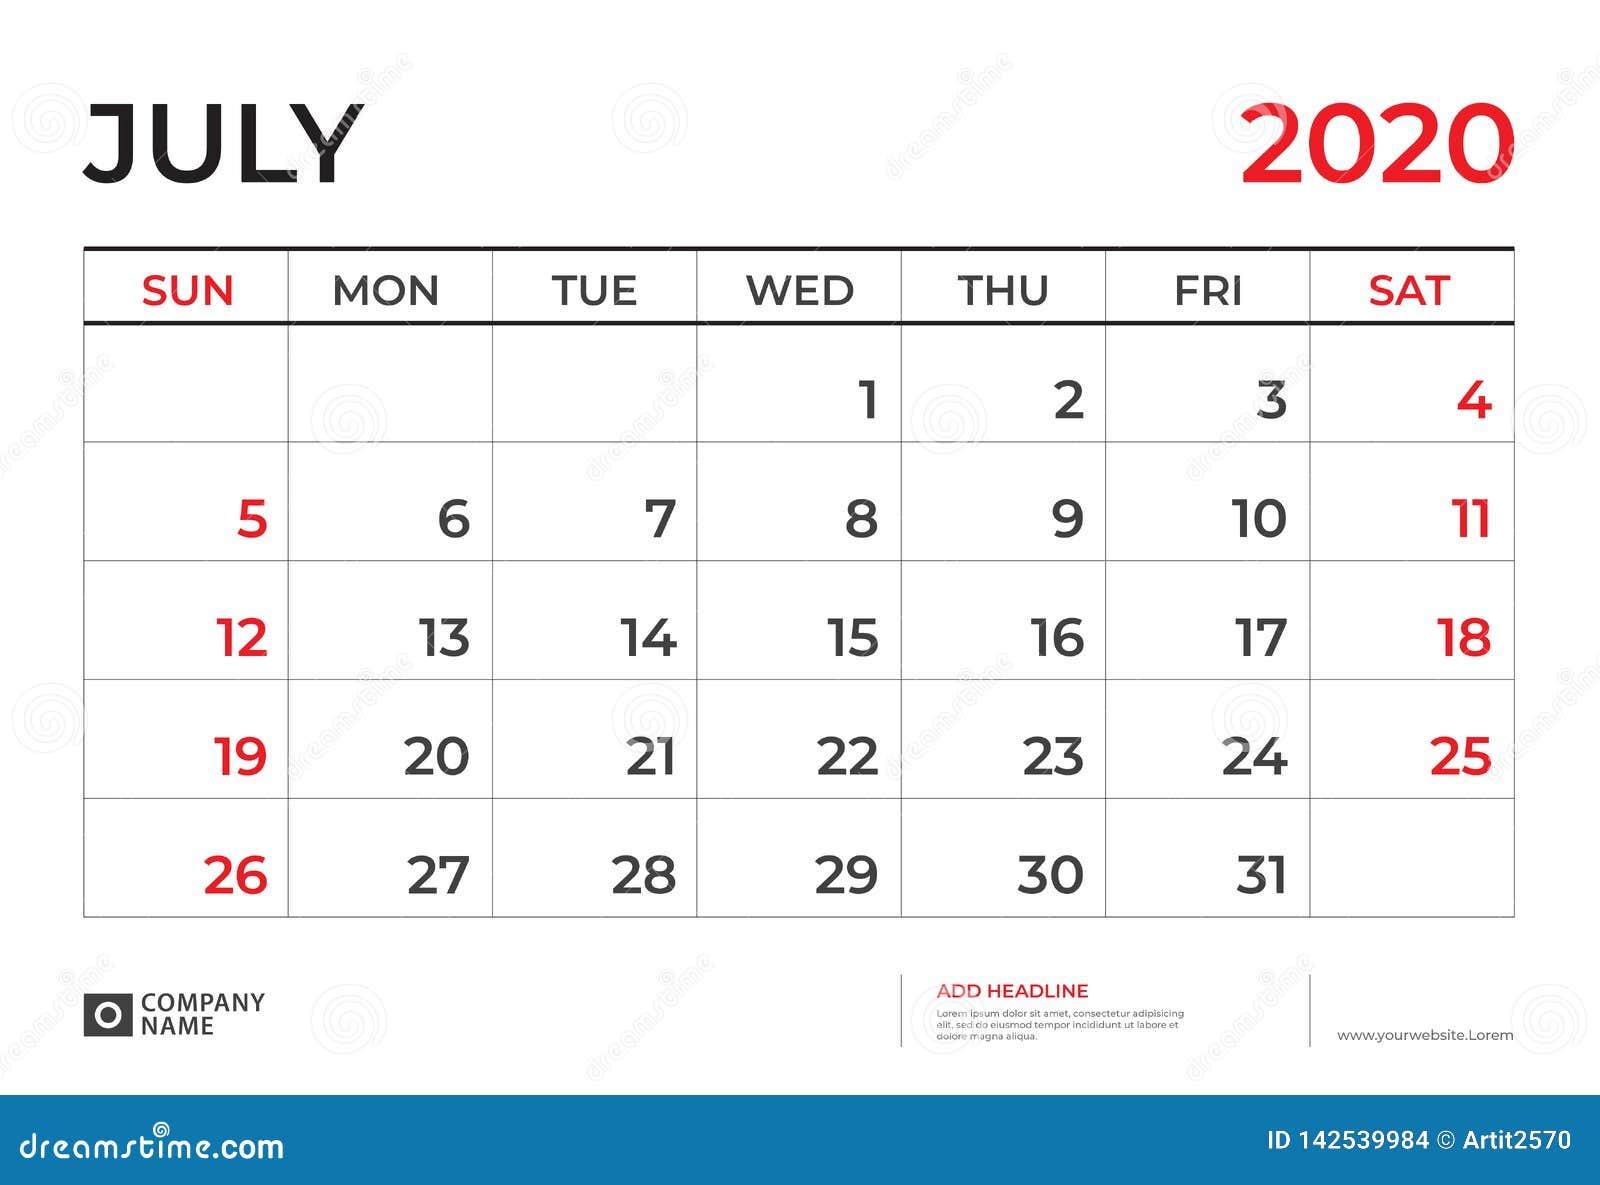 July Calendar For 2020.July 2020 Calendar Template Desk Calendar Layout Size 9 5 X 6 5